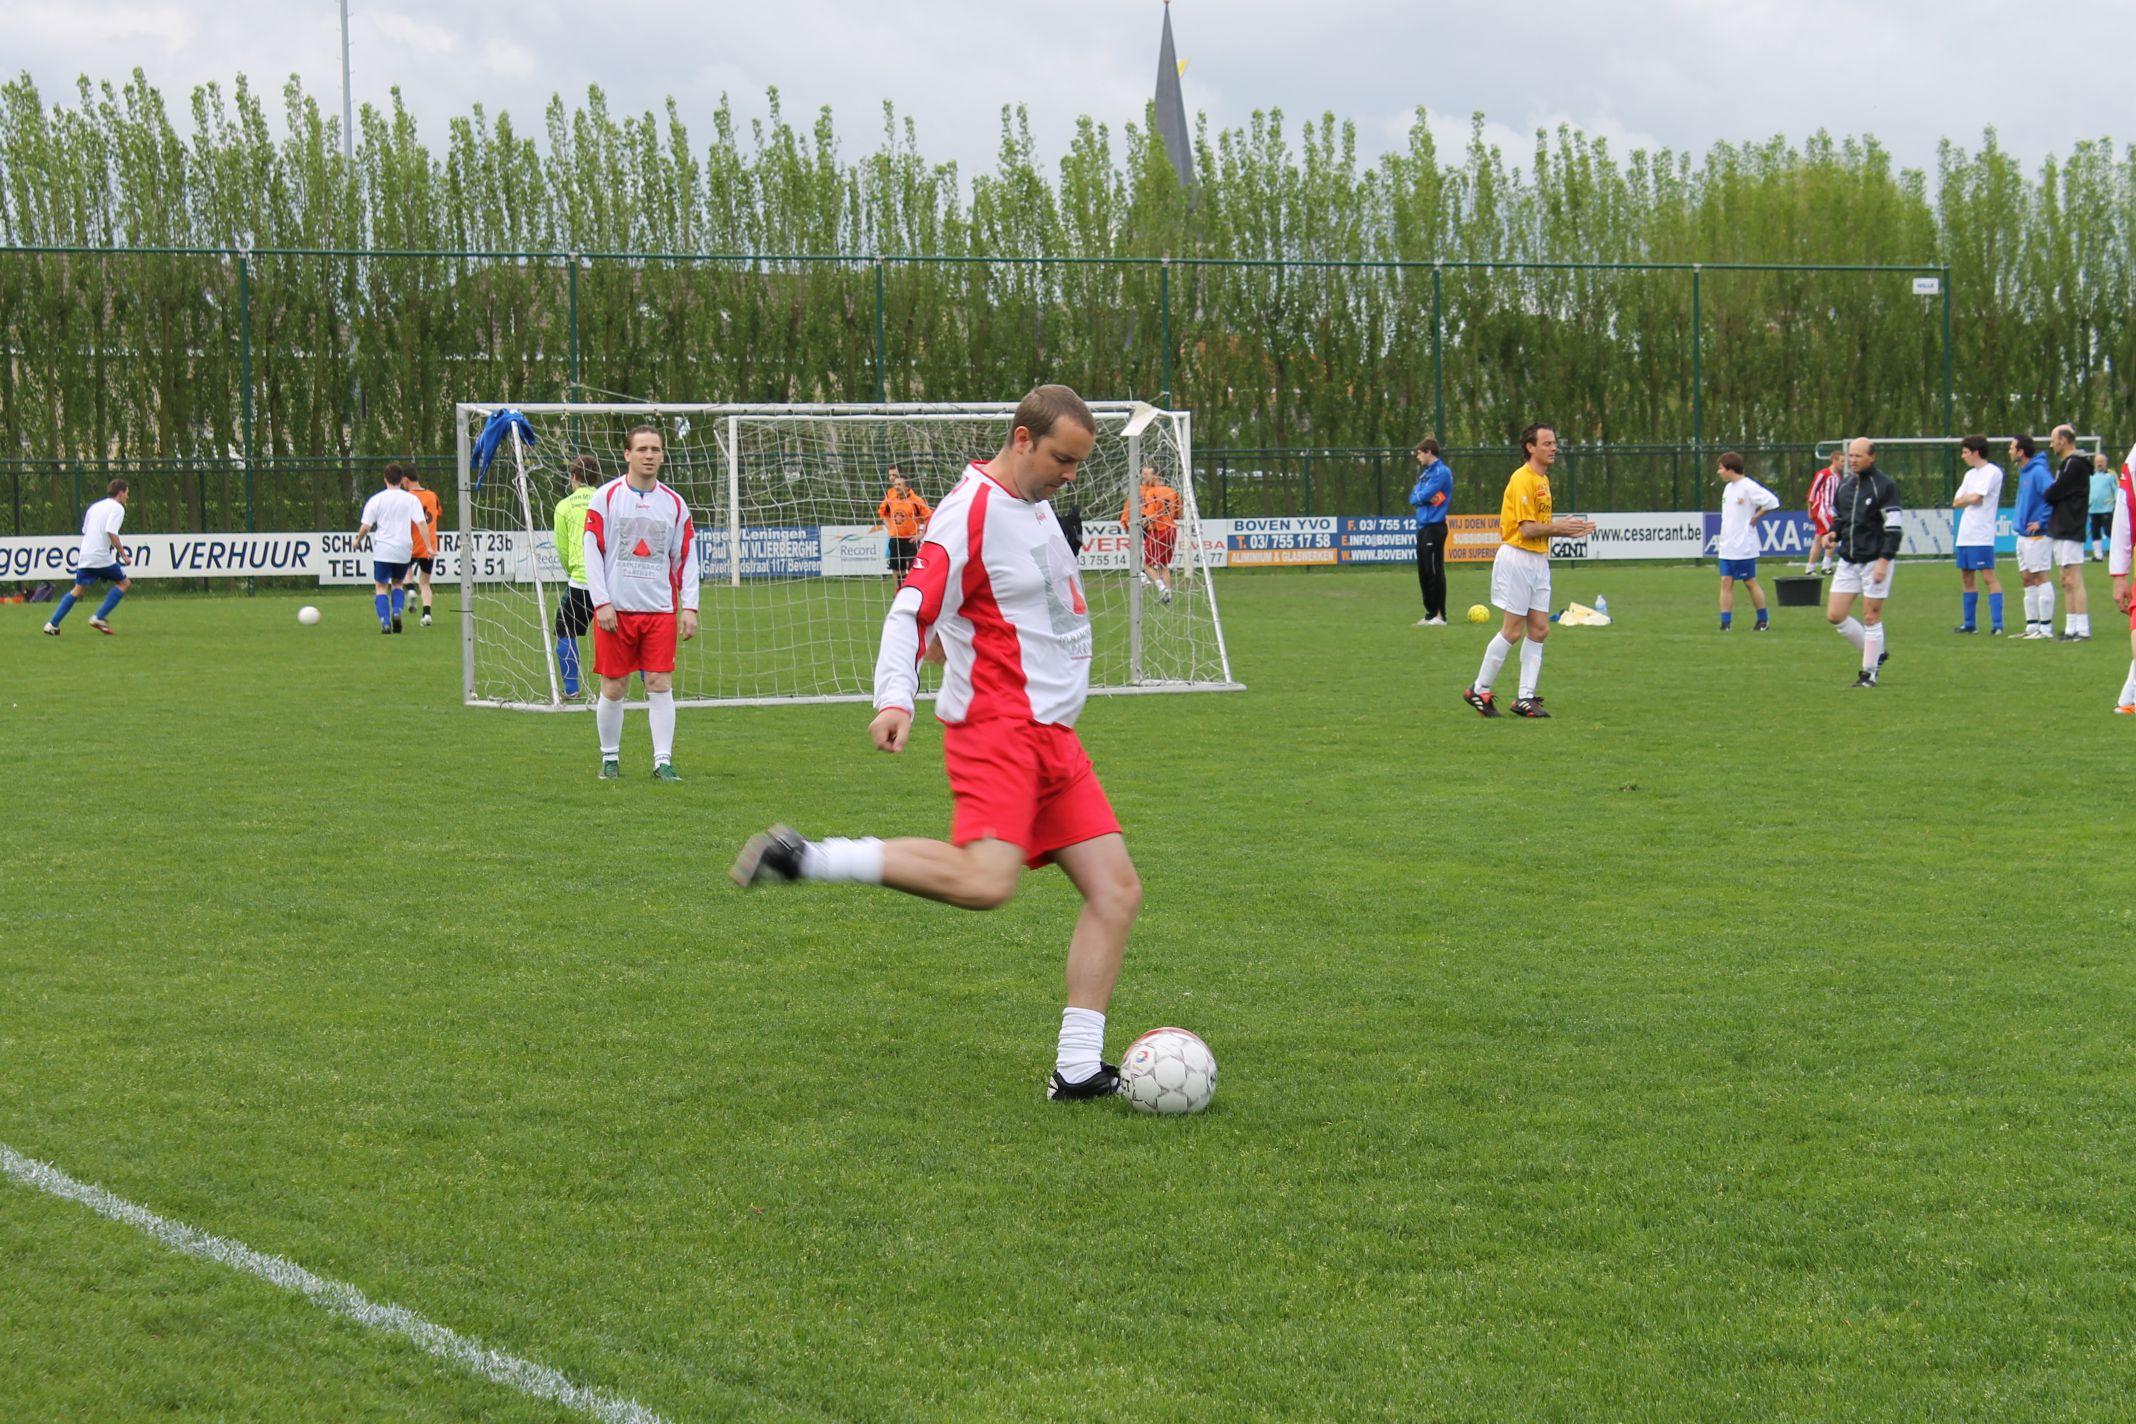 voetbal-2012-002